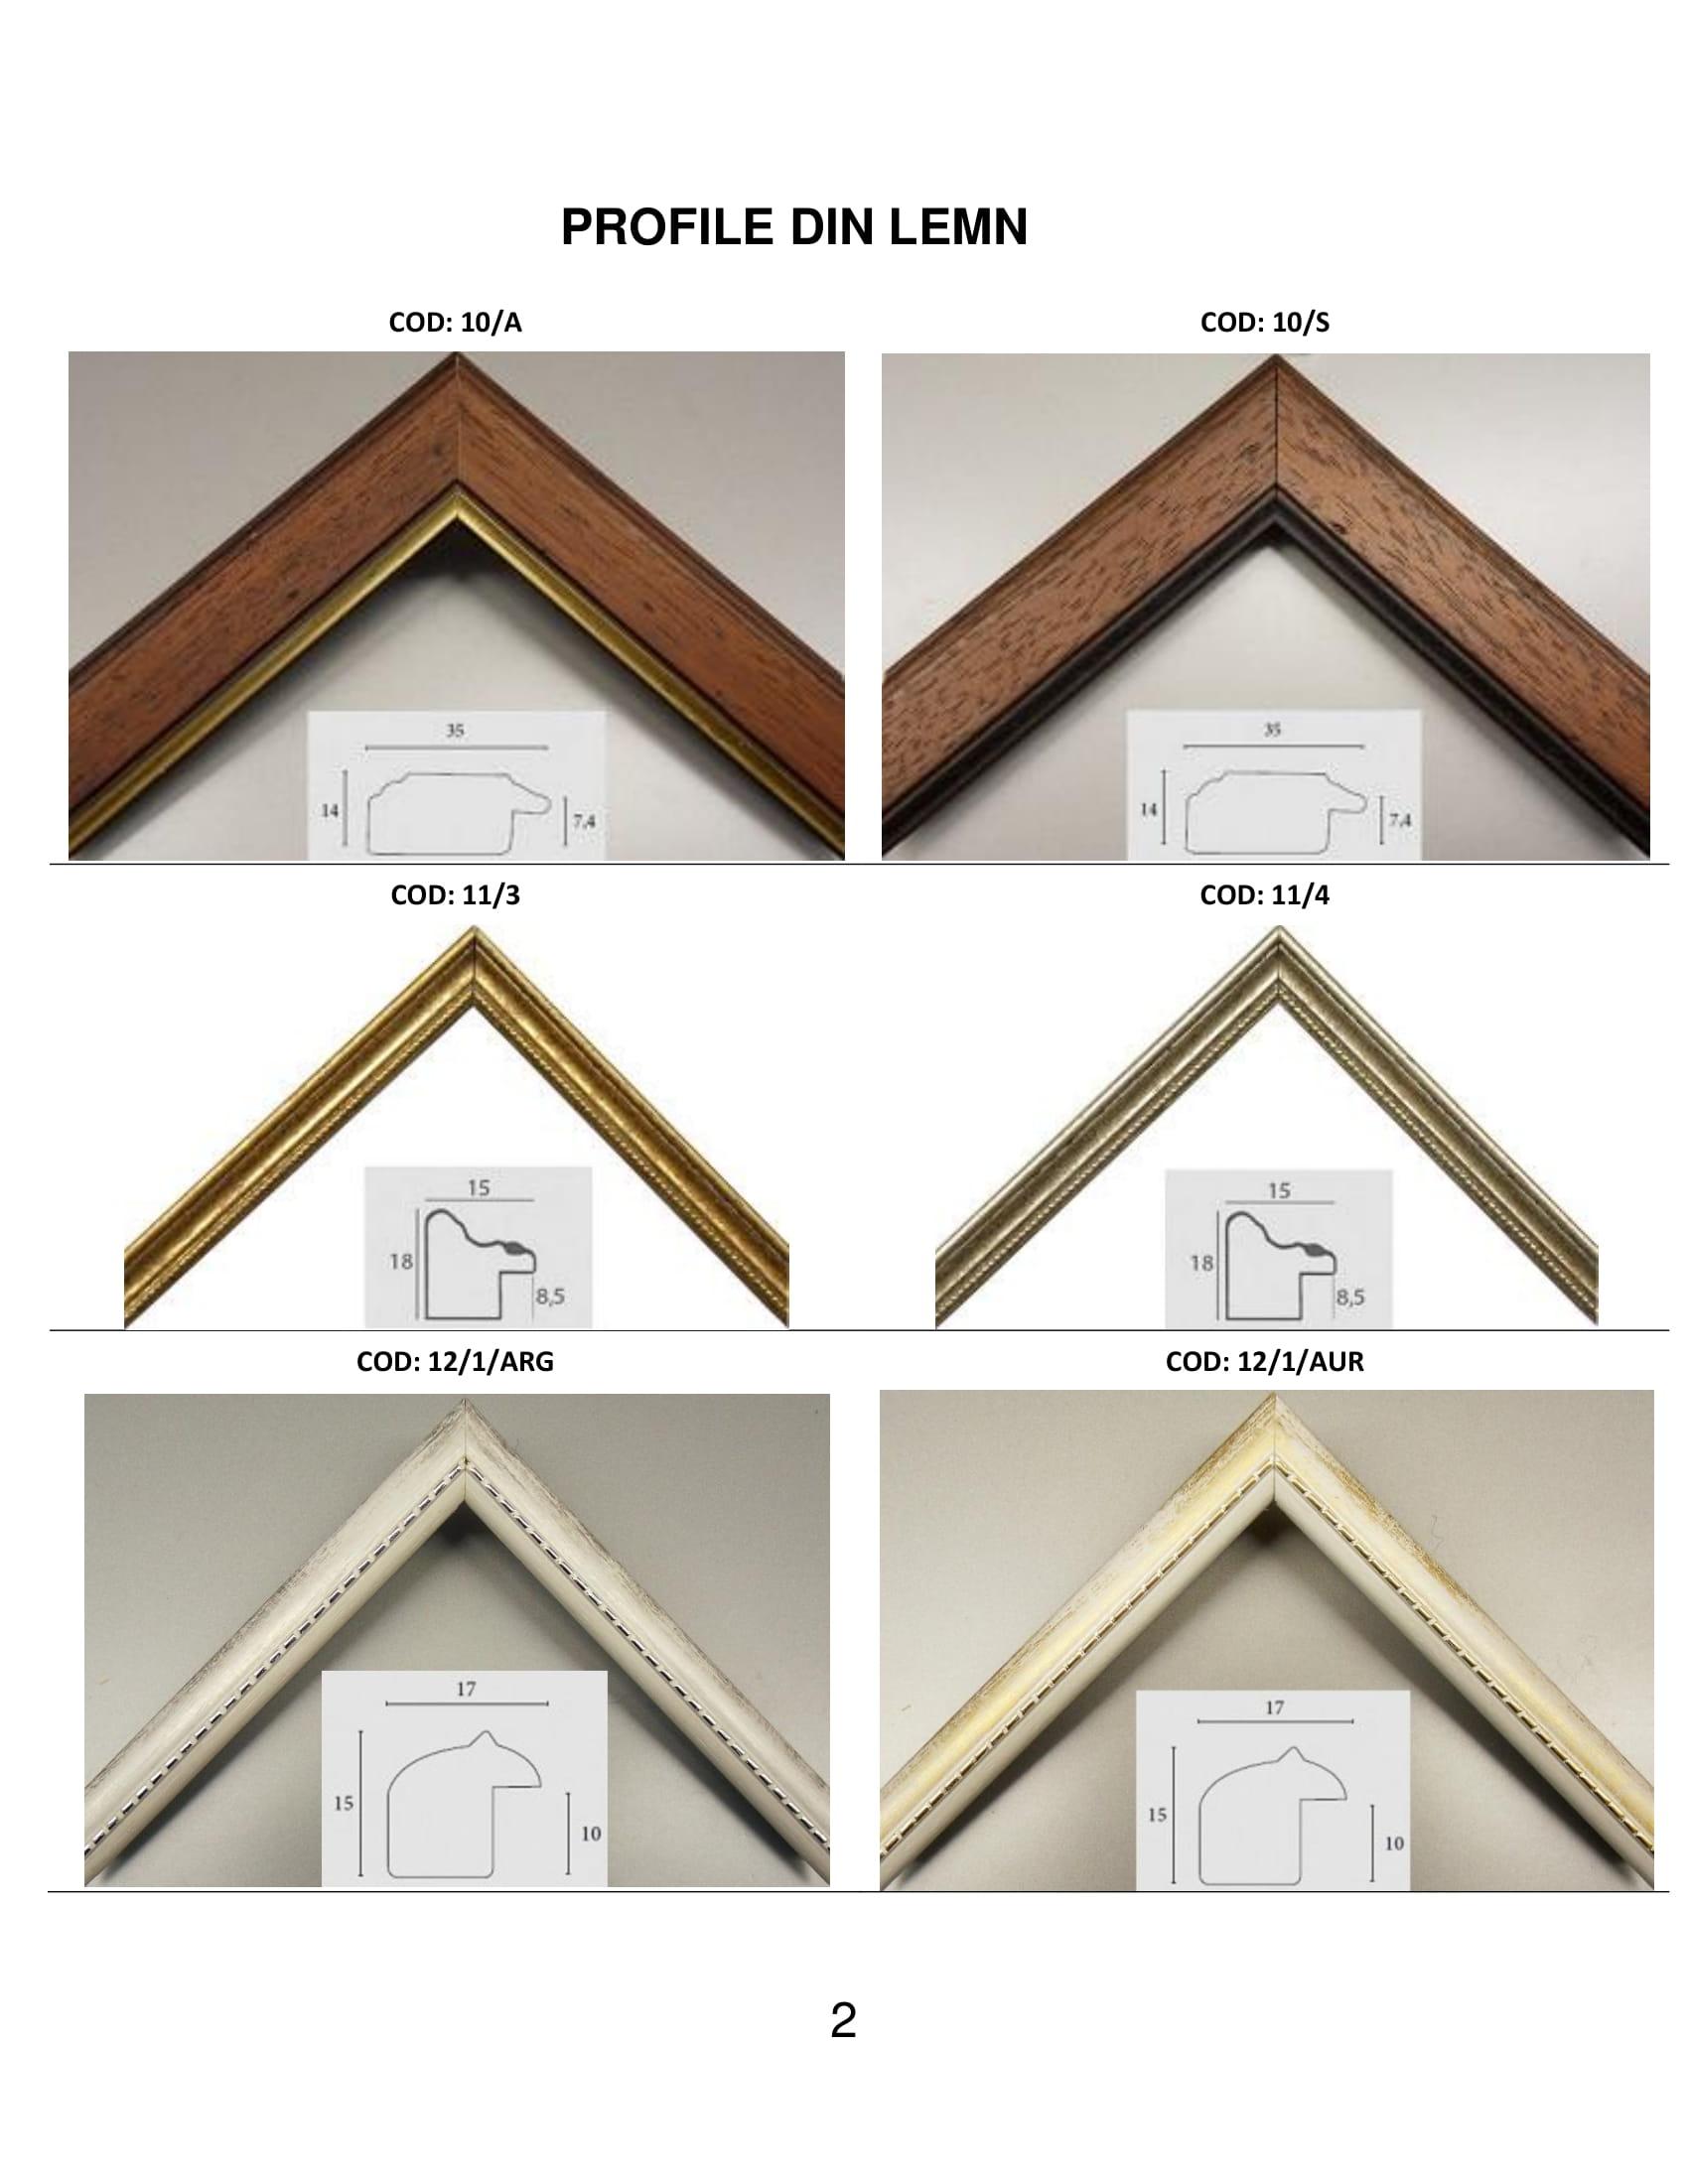 rame profile din lemn - 2